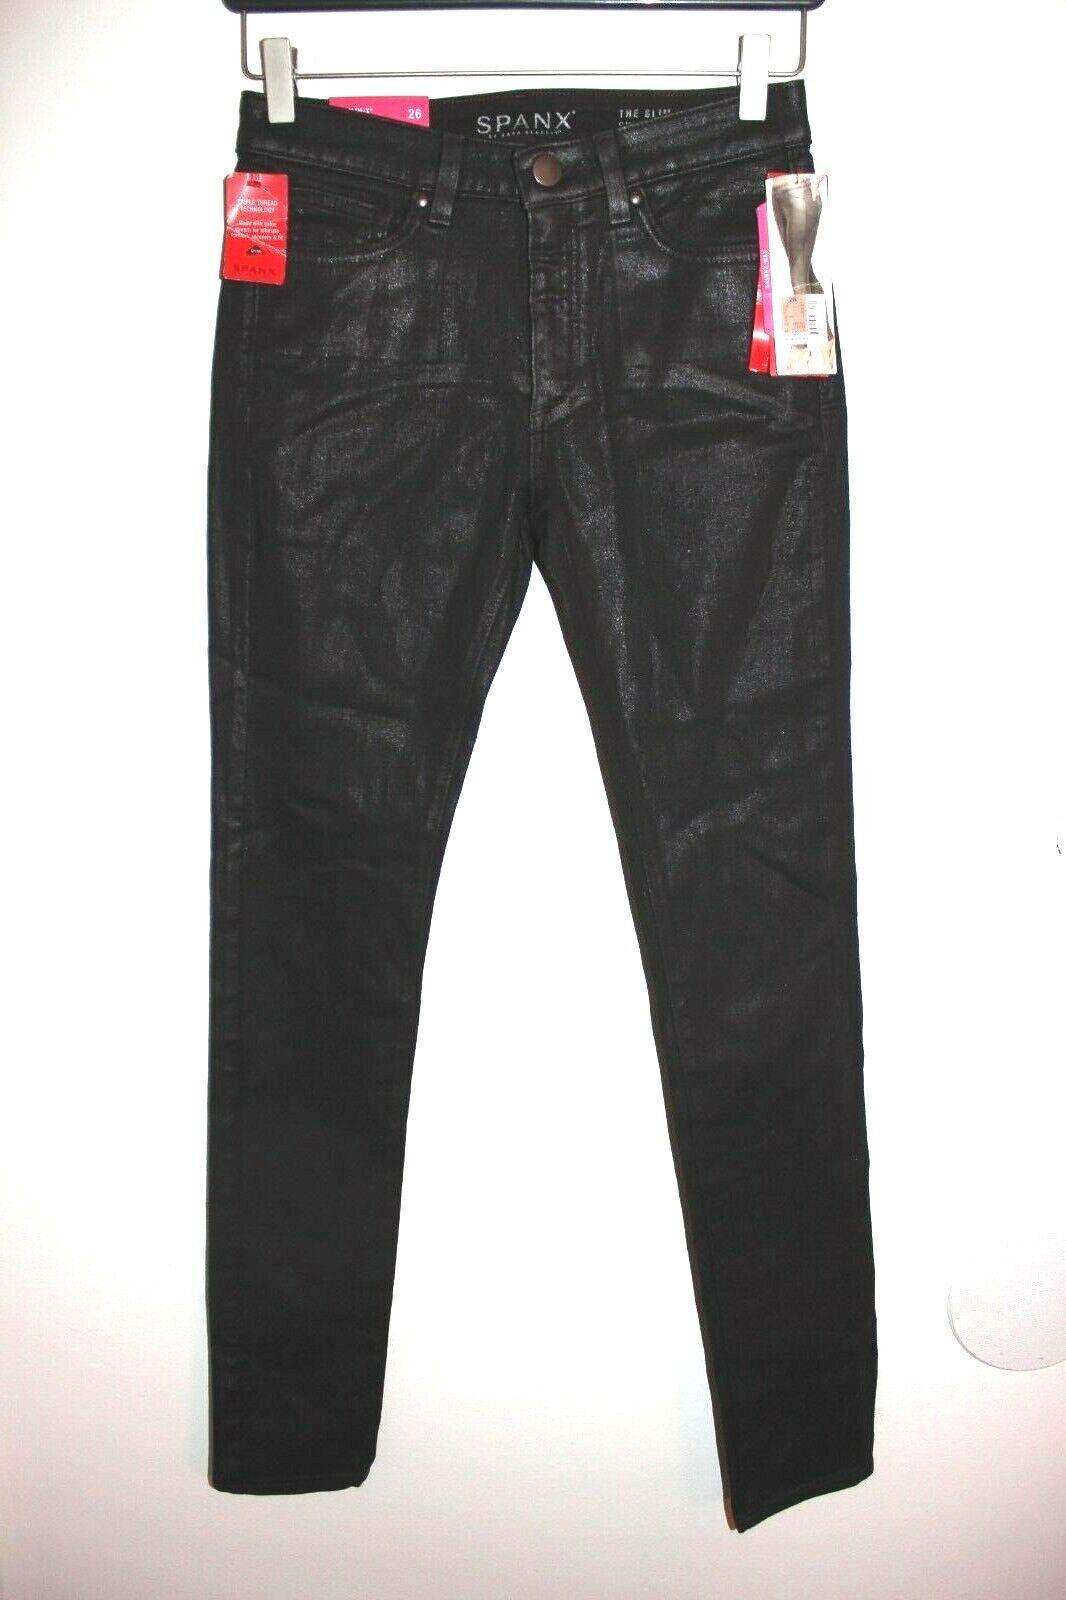 NWT SPANX The Slim X Skinny jeans AUBERGINE WAX  FD1014 sz 26 with FREE SHIPPING